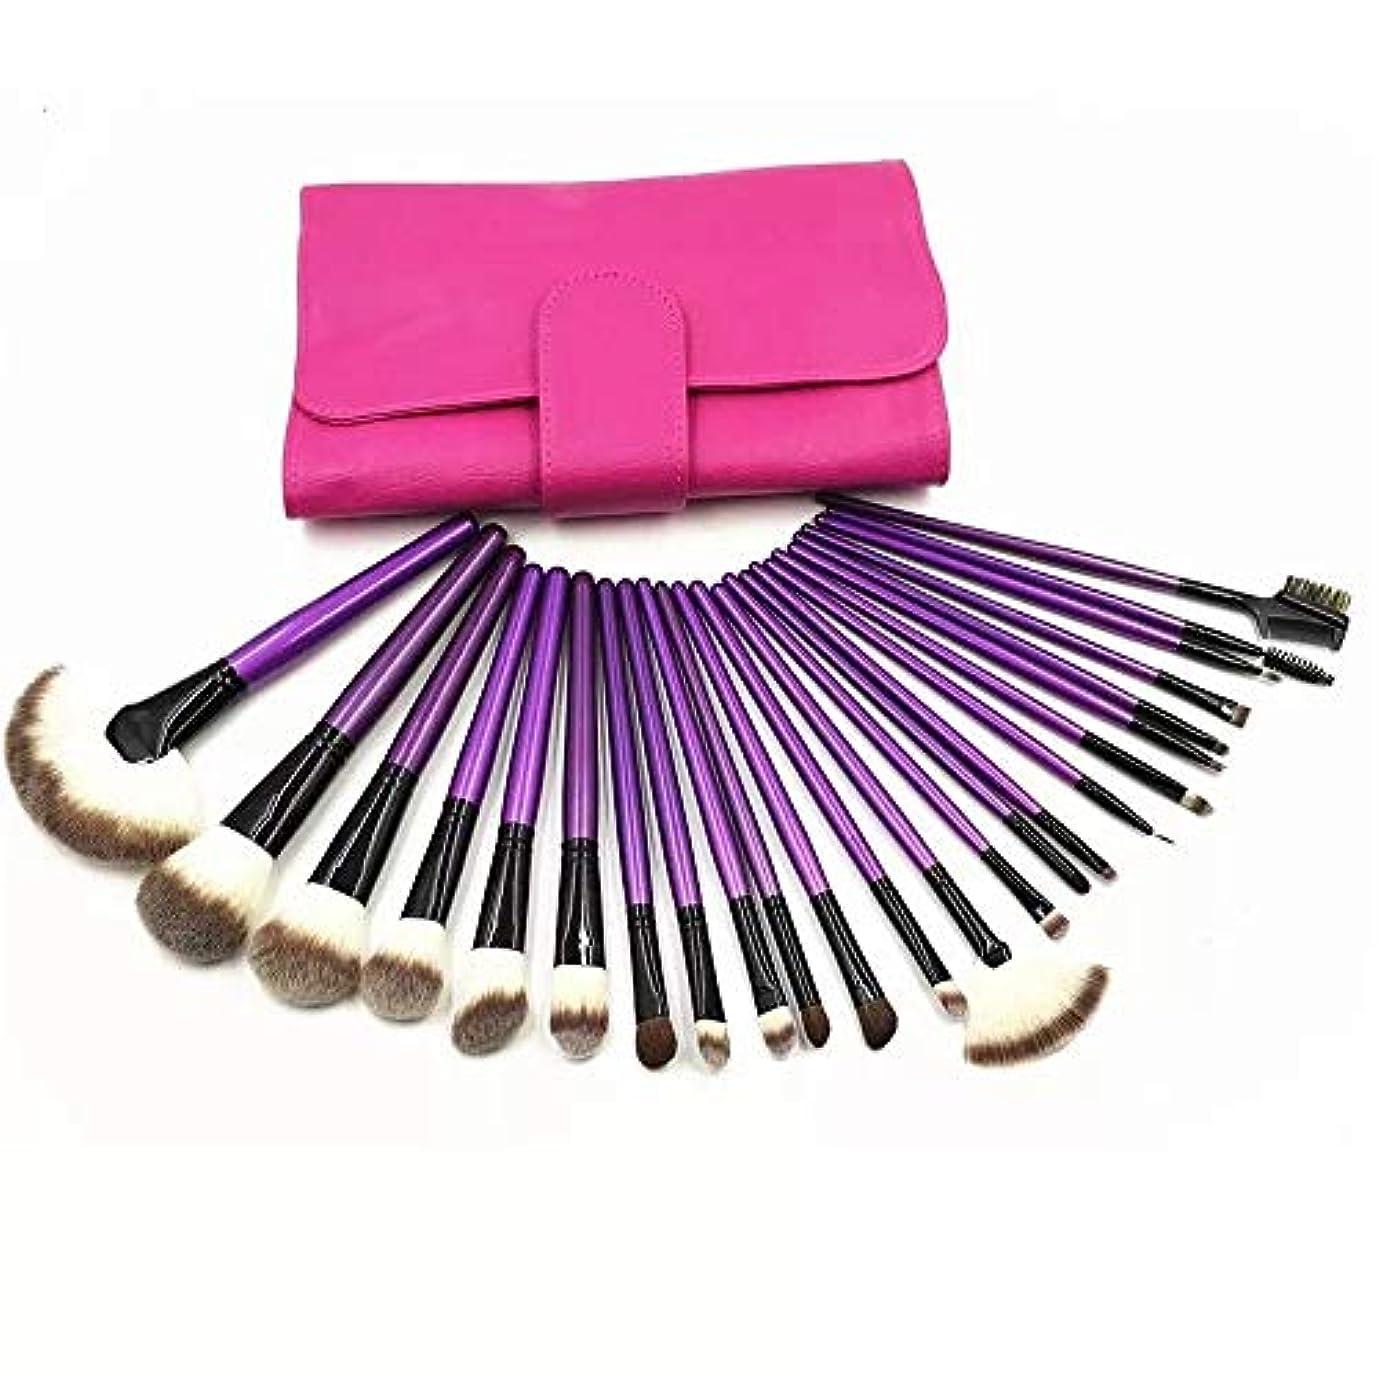 バンケット財布スピーカーMakeup brushes 多様性に富んだ完璧な使用、あなたの必要性を許すために保護袖が付いている24の専門の構造のブラシの場所 suits (Color : Purple)